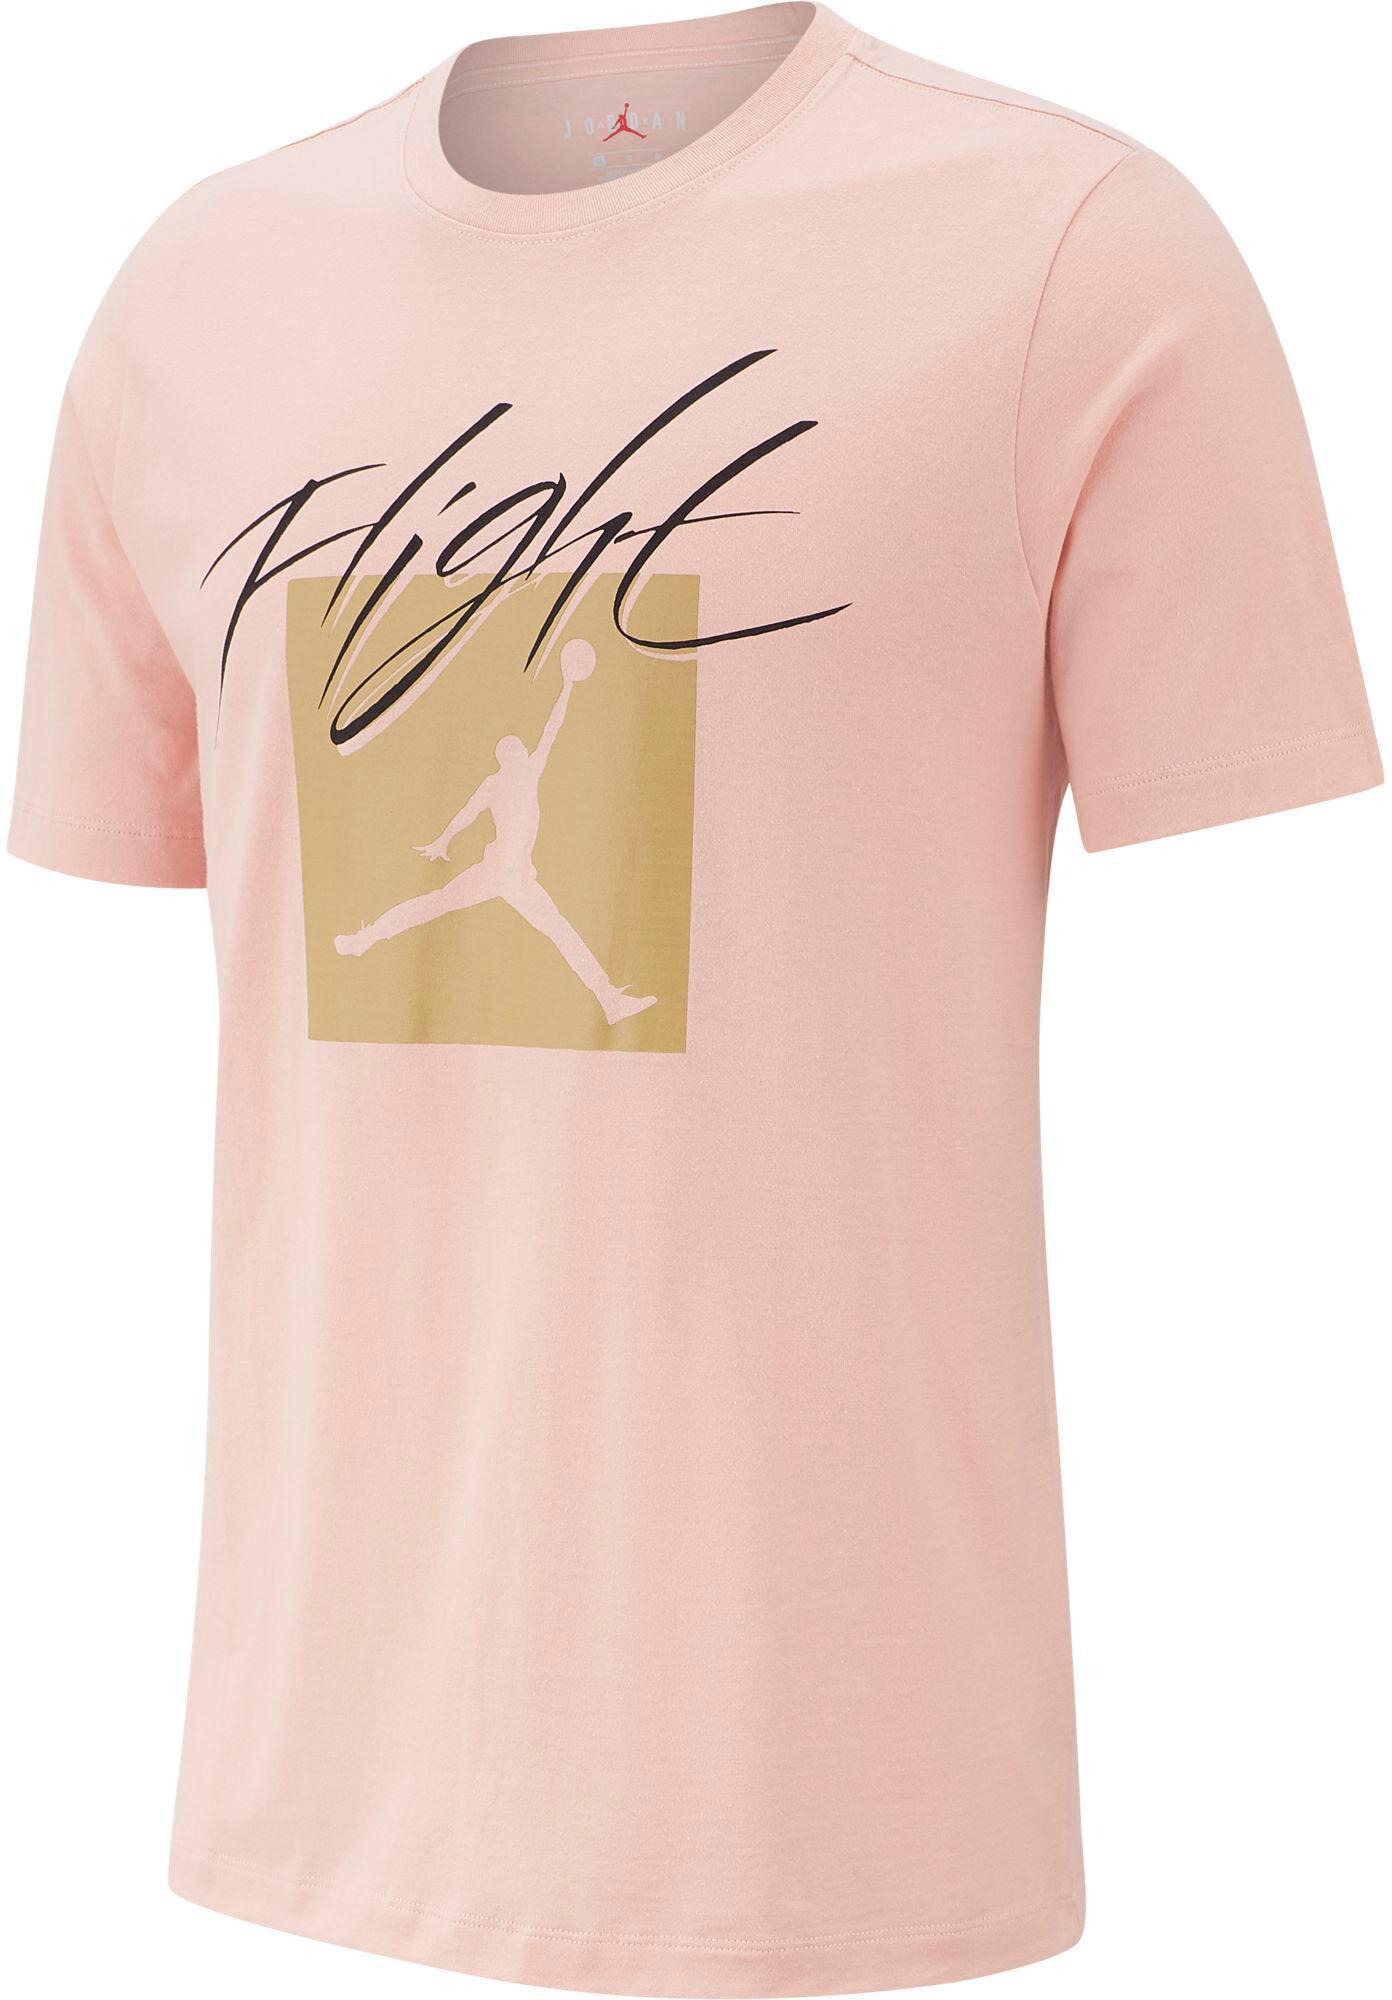 hombreIntersport hombreIntersport Camisetas para Camisetas para deportivas Camisetas deportivas deportivas para Camisetas deportivas hombreIntersport IbfY76vgy